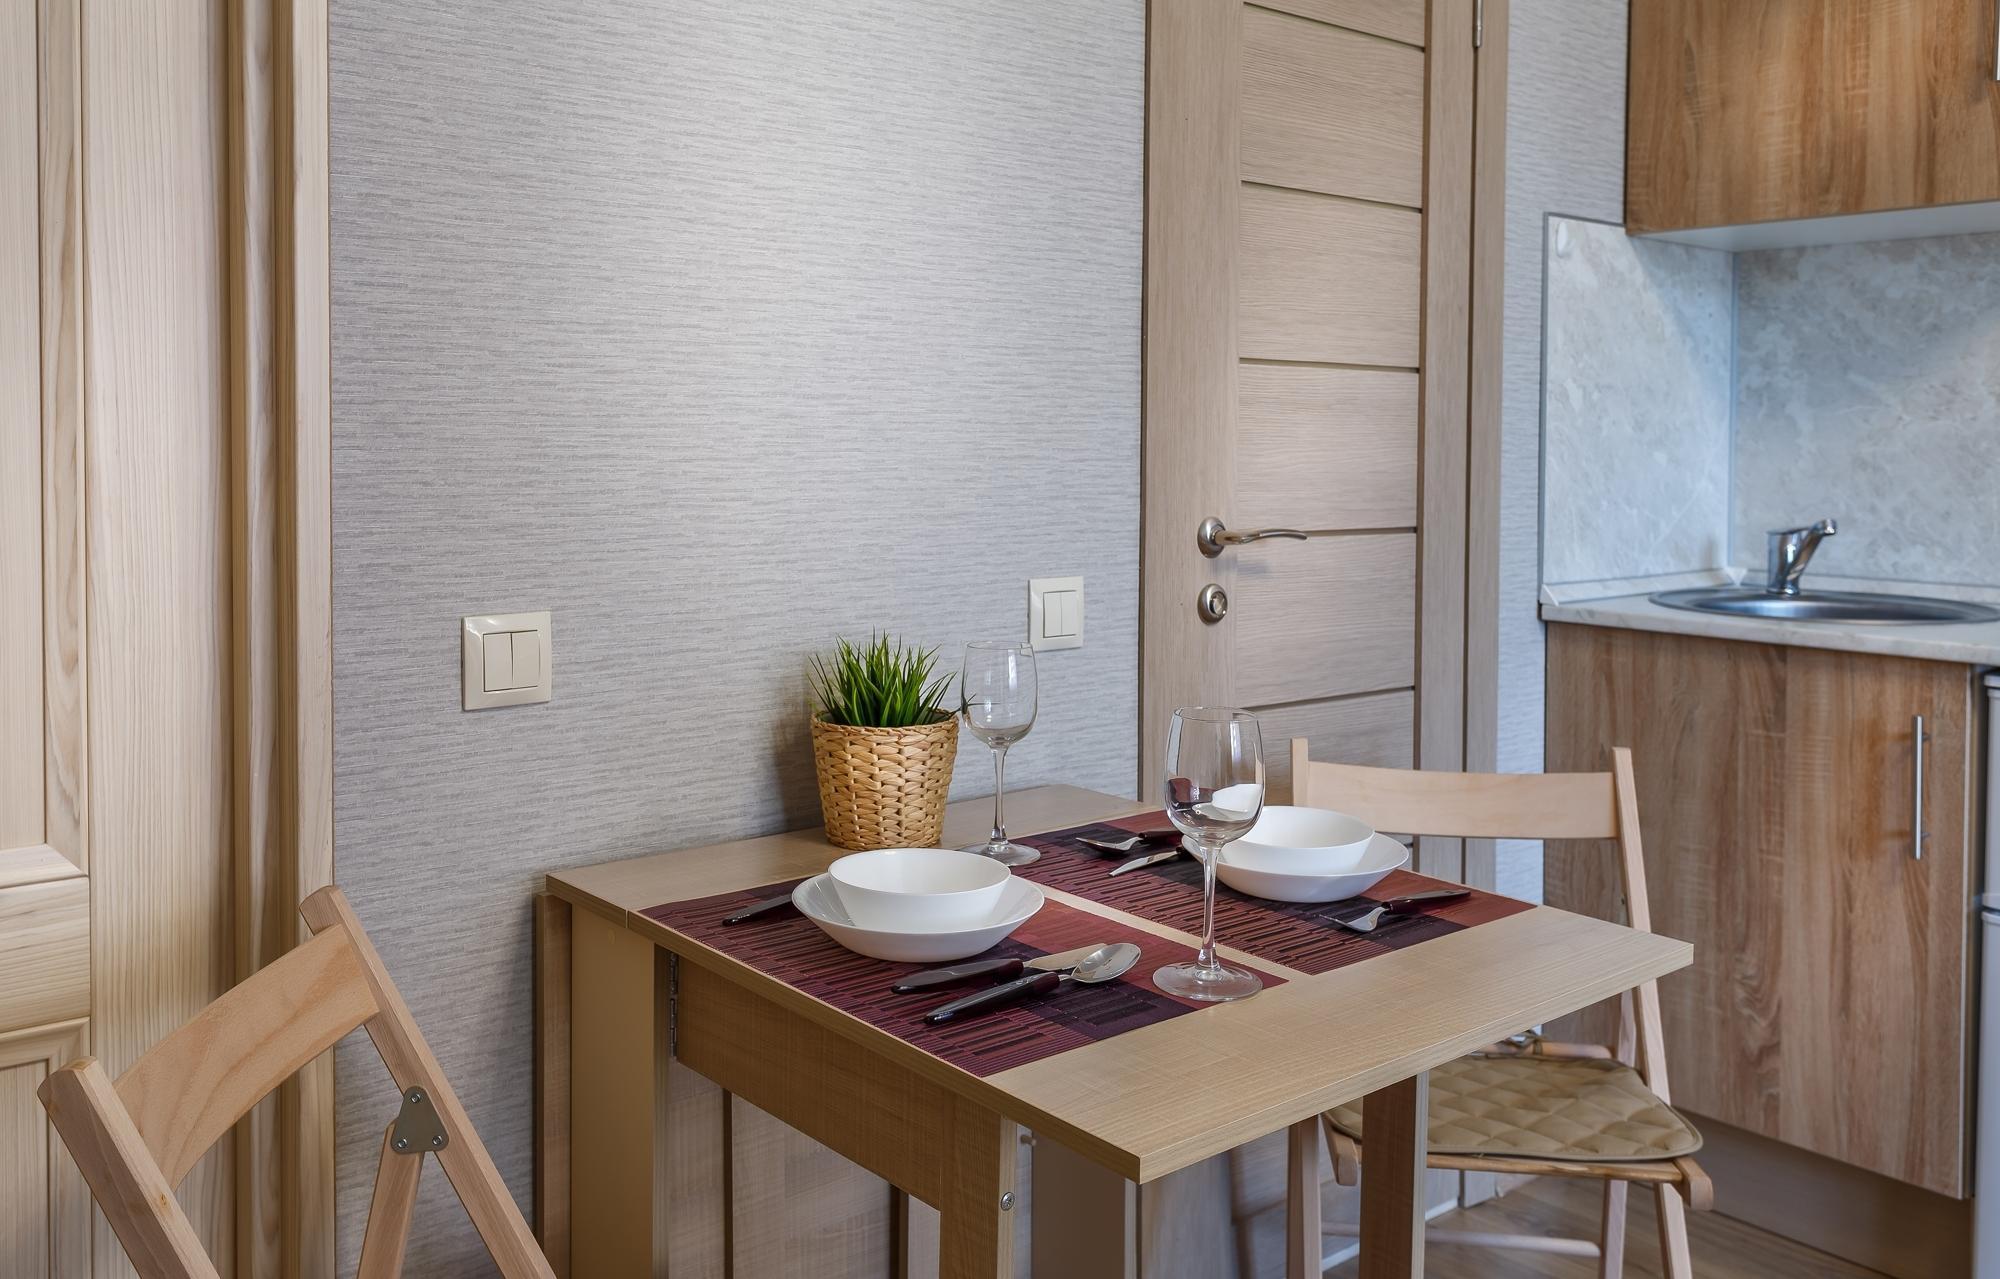 Квартира, студия, 25 м² в Мытищах 89670505157 купить 4